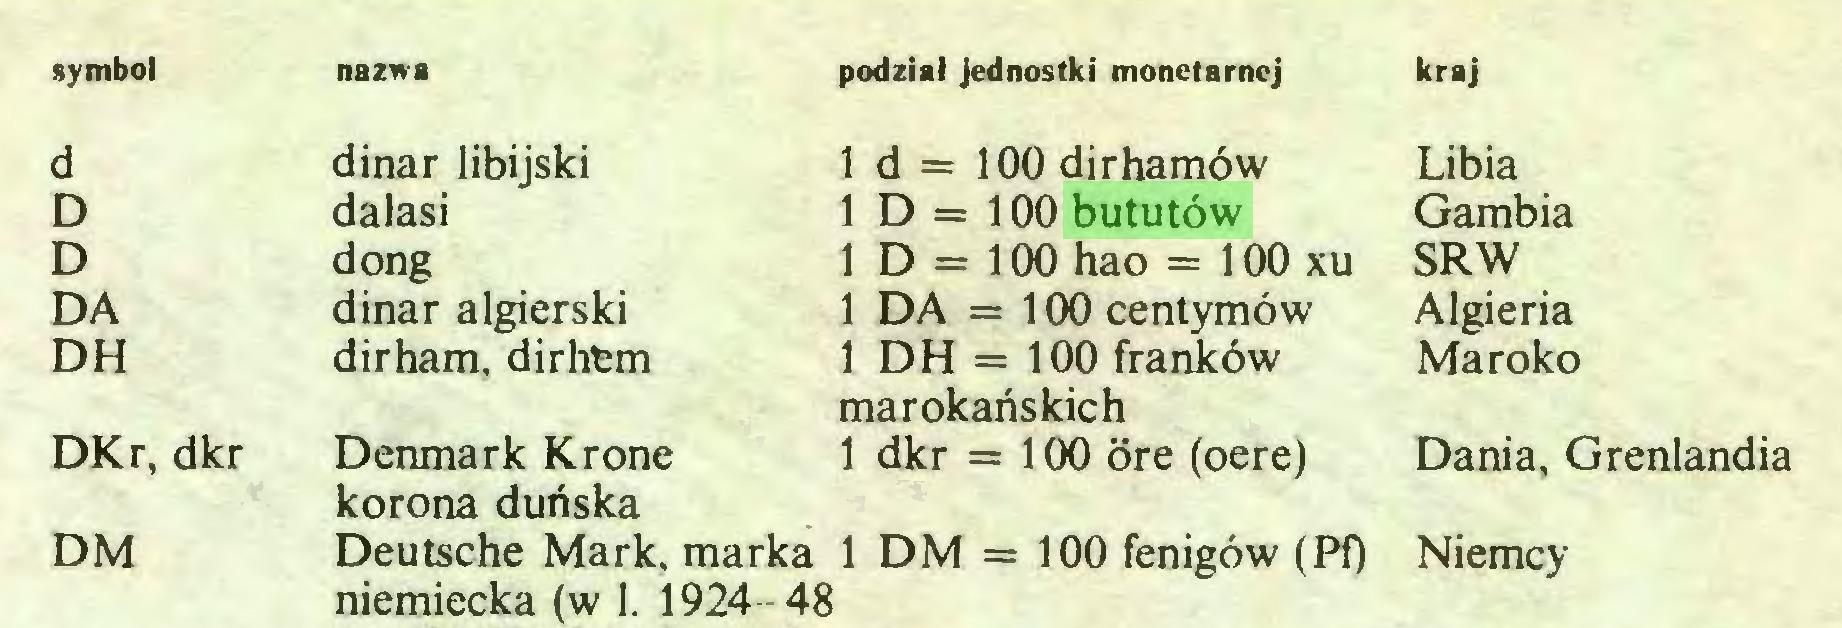 (...) symbol nazwa podział Jednostki monetarnej kraj d dinar libijski 1 d = 100 dirhamów Libia D dalasi 1 D = 100 bututów Gambia D dong 1 D = 100 hao = 100 xu SRW DA dinar algierski 1 DA = 100 centymów Algieria DH dirham, dirhem 1 DH = 100 franków marokańskich Maroko DKr, dkr Denmark Kr one korona duńska 1 dkr = 100 ore (oere) Dania, Grenlandia DM Deutsche Mark, marka 1 DM = 100 fenigów (Pf) niemiecka (w 1. 1924-48...